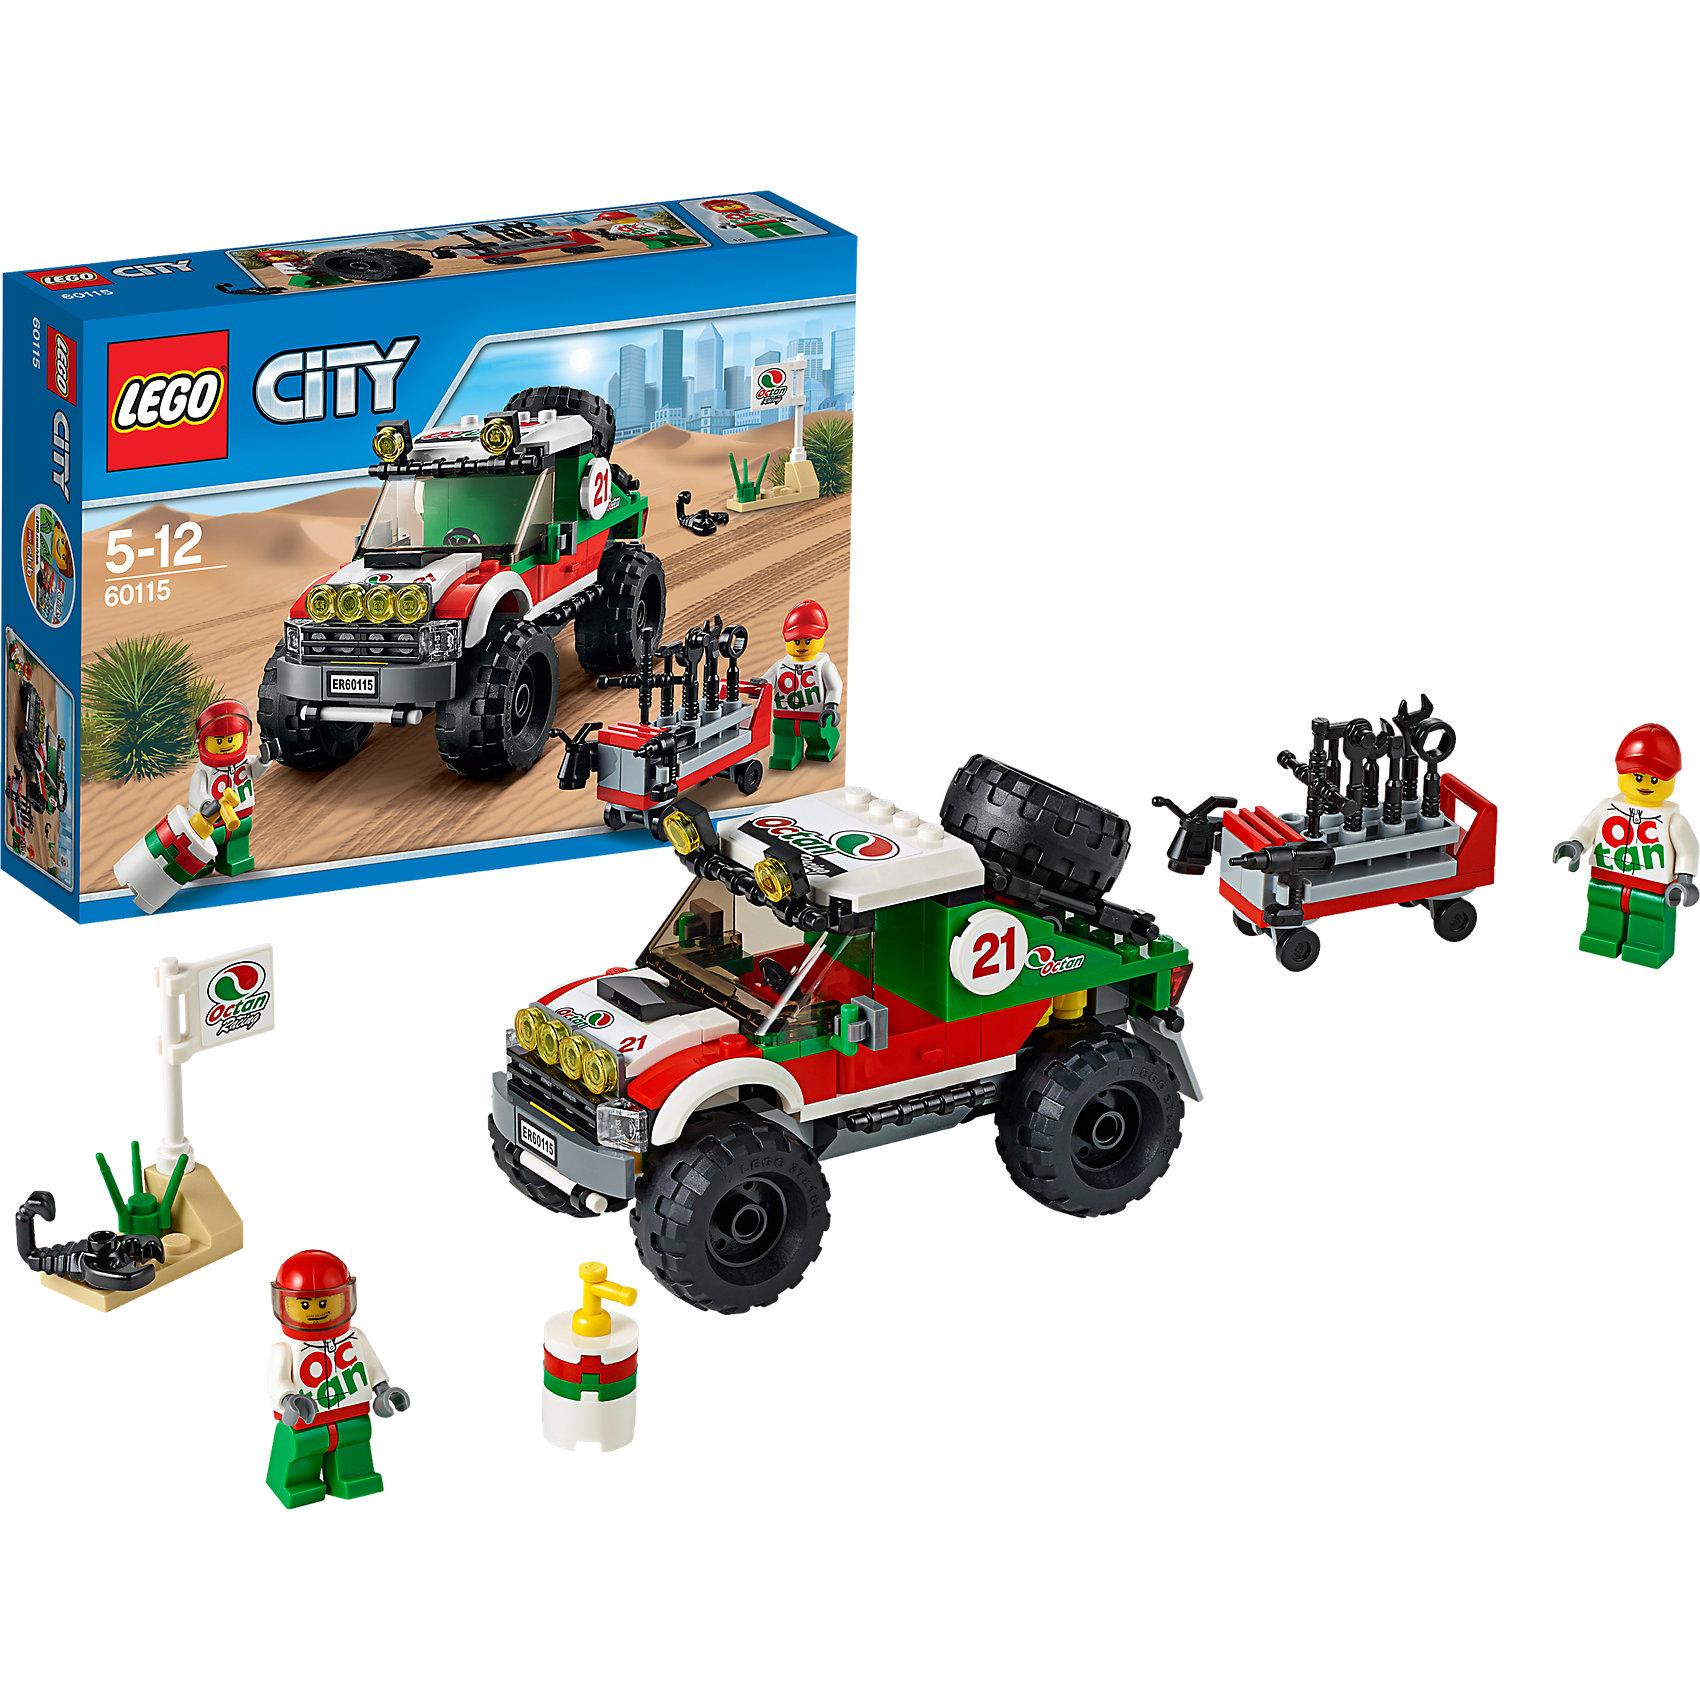 LEGO City 60115: Внедорожник 4x4Пластмассовые конструкторы<br>LEGO City (ЛЕГО Сити) 60115: Внедорожник 4x4 станет прекрасным подарком для юных любителей конструирования. Жителей Лего-Сити ждет новое грандиозное зрелище - гонка внедорожников по пустыне. Подготовь свою машину, проверь запаску и убедись, что она накачана.<br>Заполни переносной топливный бак, пристегни водителя ремнем - и в путь! Корпус внедорожника состоит из бело-красно-зелёных деталей и украшен номерами и логотипами гонки. В центральной части модели находится кабина водителя с тонированным лобовым стеклом, навесными фарами, сиденьем и рулем, двери открываются. Спереди видны фары, радиаторная решётка и автомобильный номер. Мощные колеса с рифлеными шинами помогают быстро преодолевать любые препятствия. В комплект также входят детали для сборки сервисной тележки, различные игровые аксессуары и две минифигурки - гонщика и механика. <br><br>Серия конструкторов  LEGO City позволяет почувствовать себя инженером и архитектором, строителем или мэром города. Вы можете создавать свой город мечты, развивать городскую инфраструктуру, строить дороги и здания, управлять городским хозяйством и следить за порядком.<br>В игровых наборах с разнообразными сюжетами много интересных персонажей, оригинальных объектов и городской техники. Это уникальная возможность для ребенка развивать фантазию и логическое мышление, узнавать и осваивать разные профессии.<br><br>Дополнительная информация:<br><br>- Игра с конструктором LEGO (ЛЕГО) развивает мелкую моторику ребенка, фантазию и воображение, учит его усидчивости и внимательности.<br>- Количество деталей: 176.<br>- Количество минифигур: 2.<br>- Серия: LEGO City (ЛЕГО Сити).<br>- Материал: пластик.<br>- Размер собранного внедорожника: 8 х 13 х 7 см.<br>- Размер упаковки: 26 х 6 х 19 см.<br>- Вес: 0,335 кг.<br><br>LEGO City (ЛЕГО Сити) 60115: Внедорожник 4x4 можно купить в нашем интернет-магазине.<br><br>Ширина мм: 280<br>Глубина мм: 261<br>Высота мм: 63<br>Вес г: 493<br>Возраст